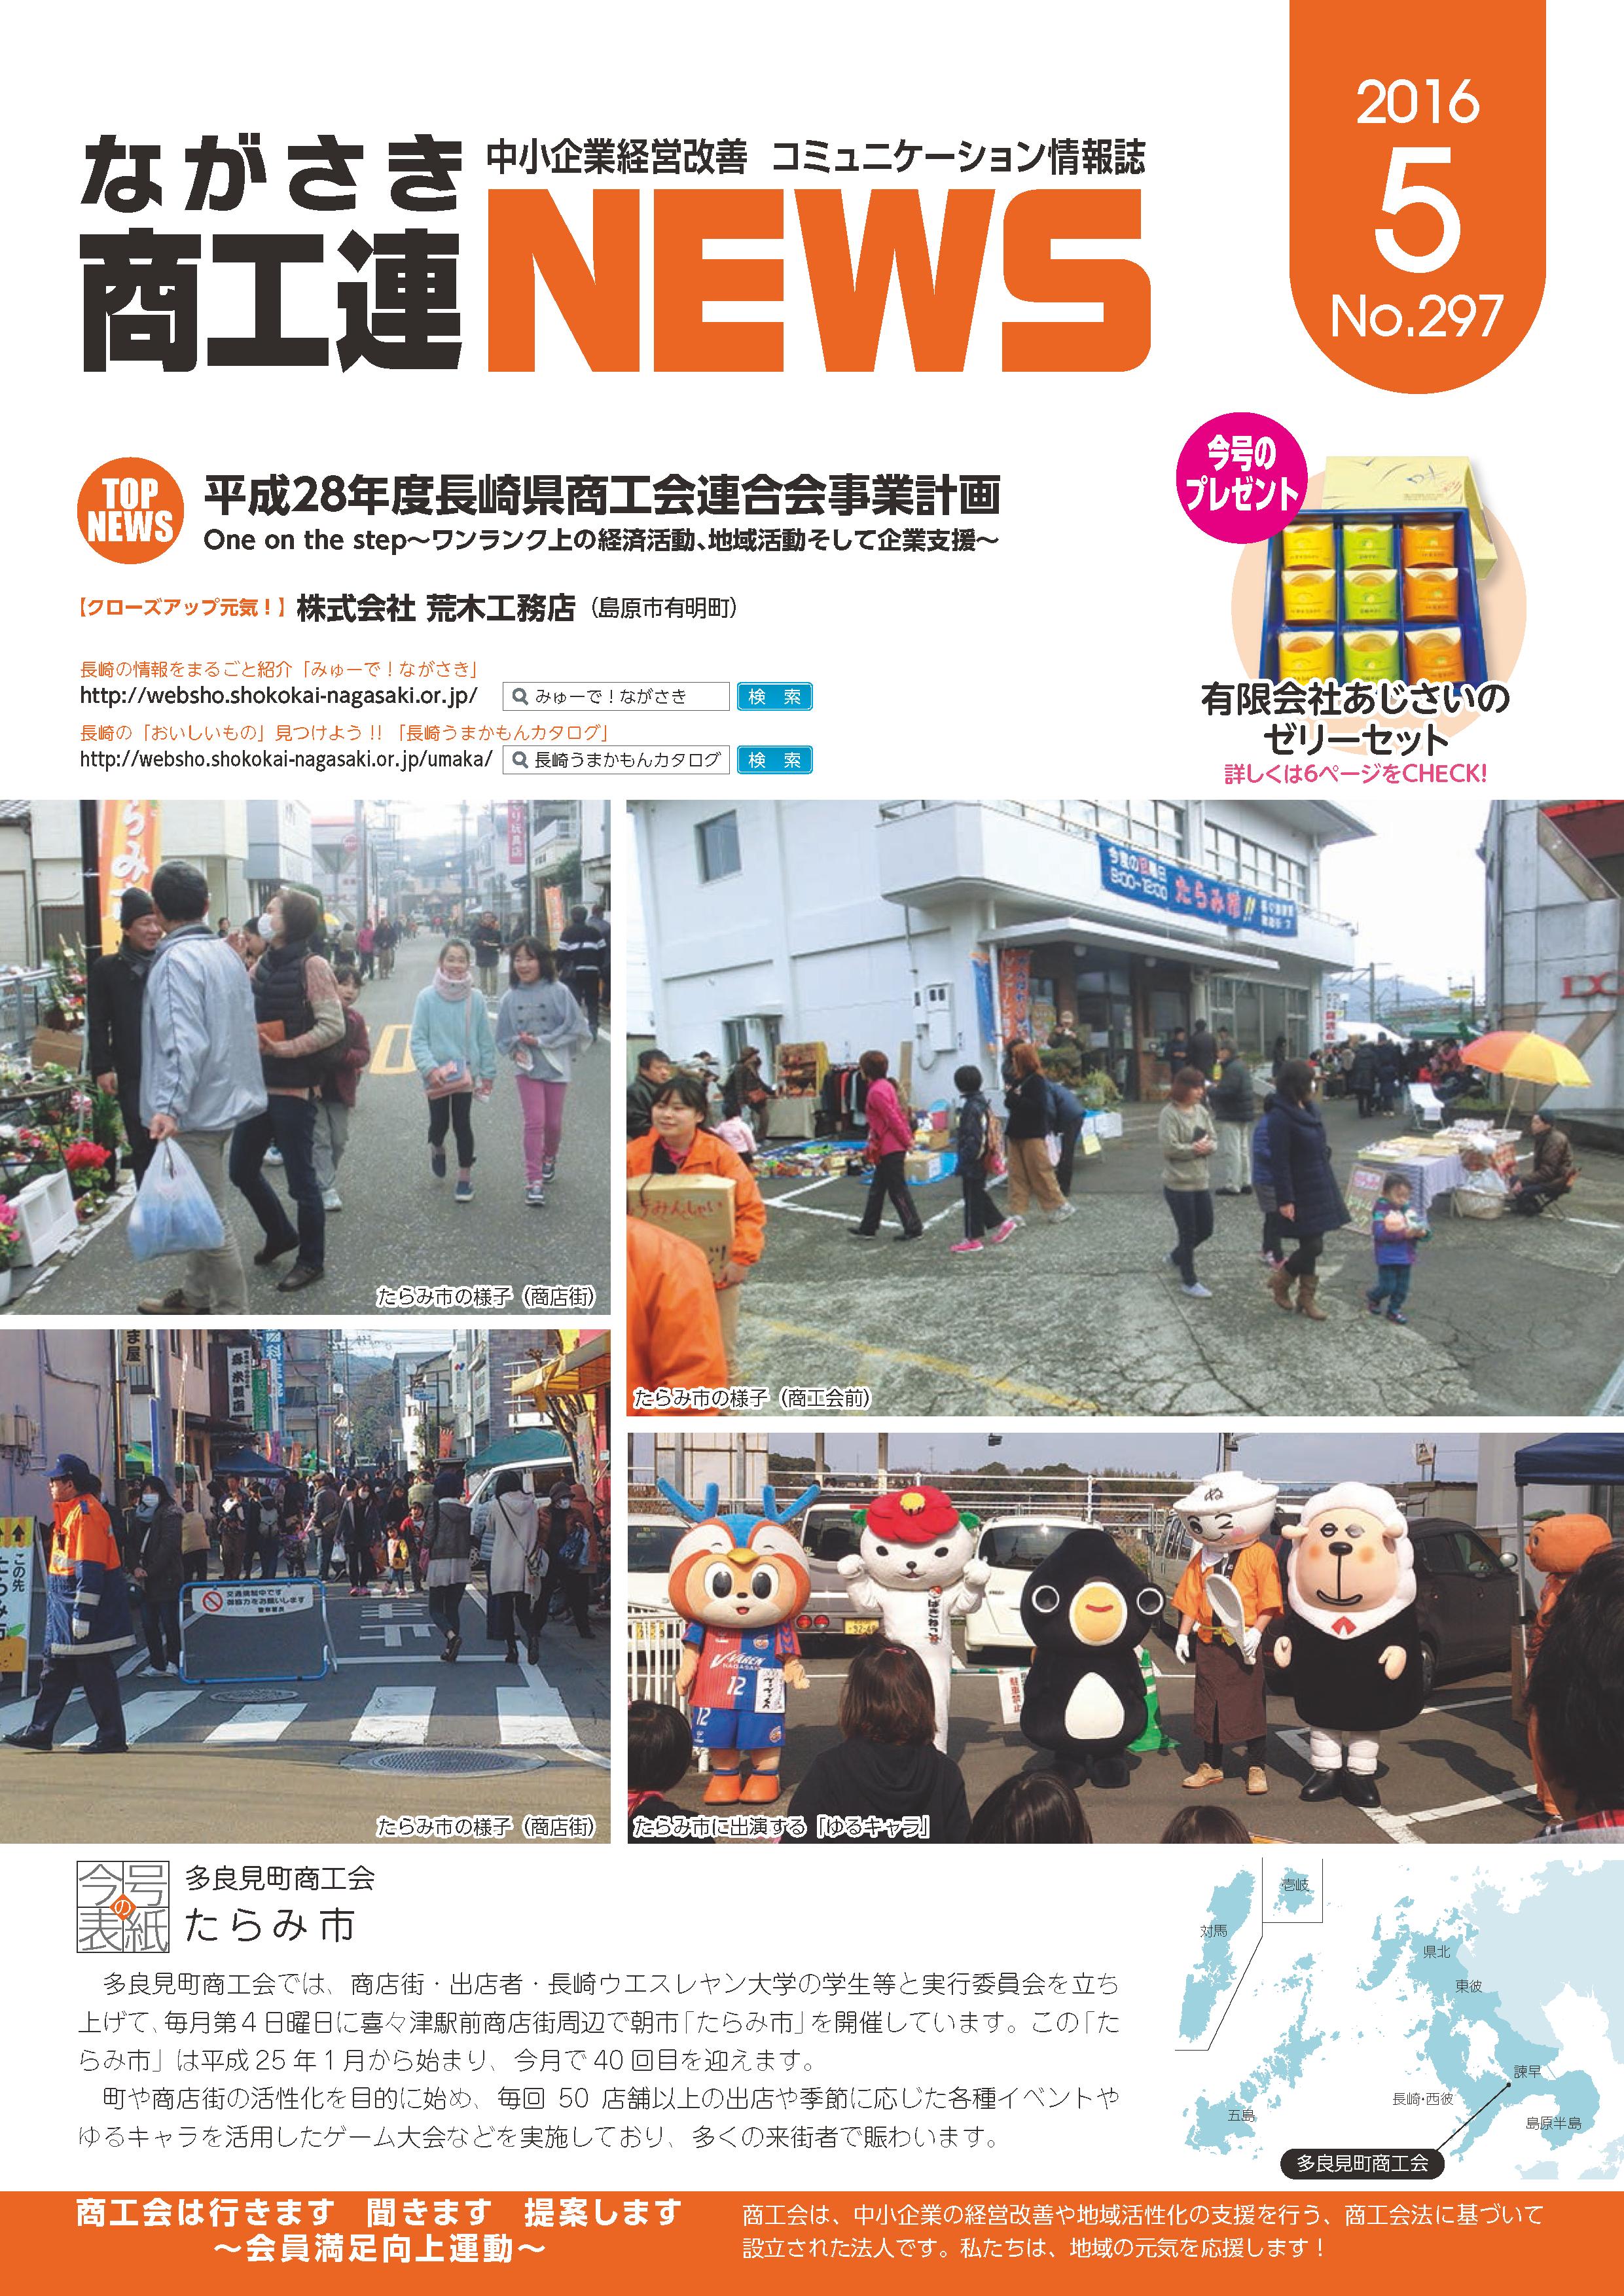 表紙写真は喜々津駅前周辺で開催される朝市「たらみ市」の様子です